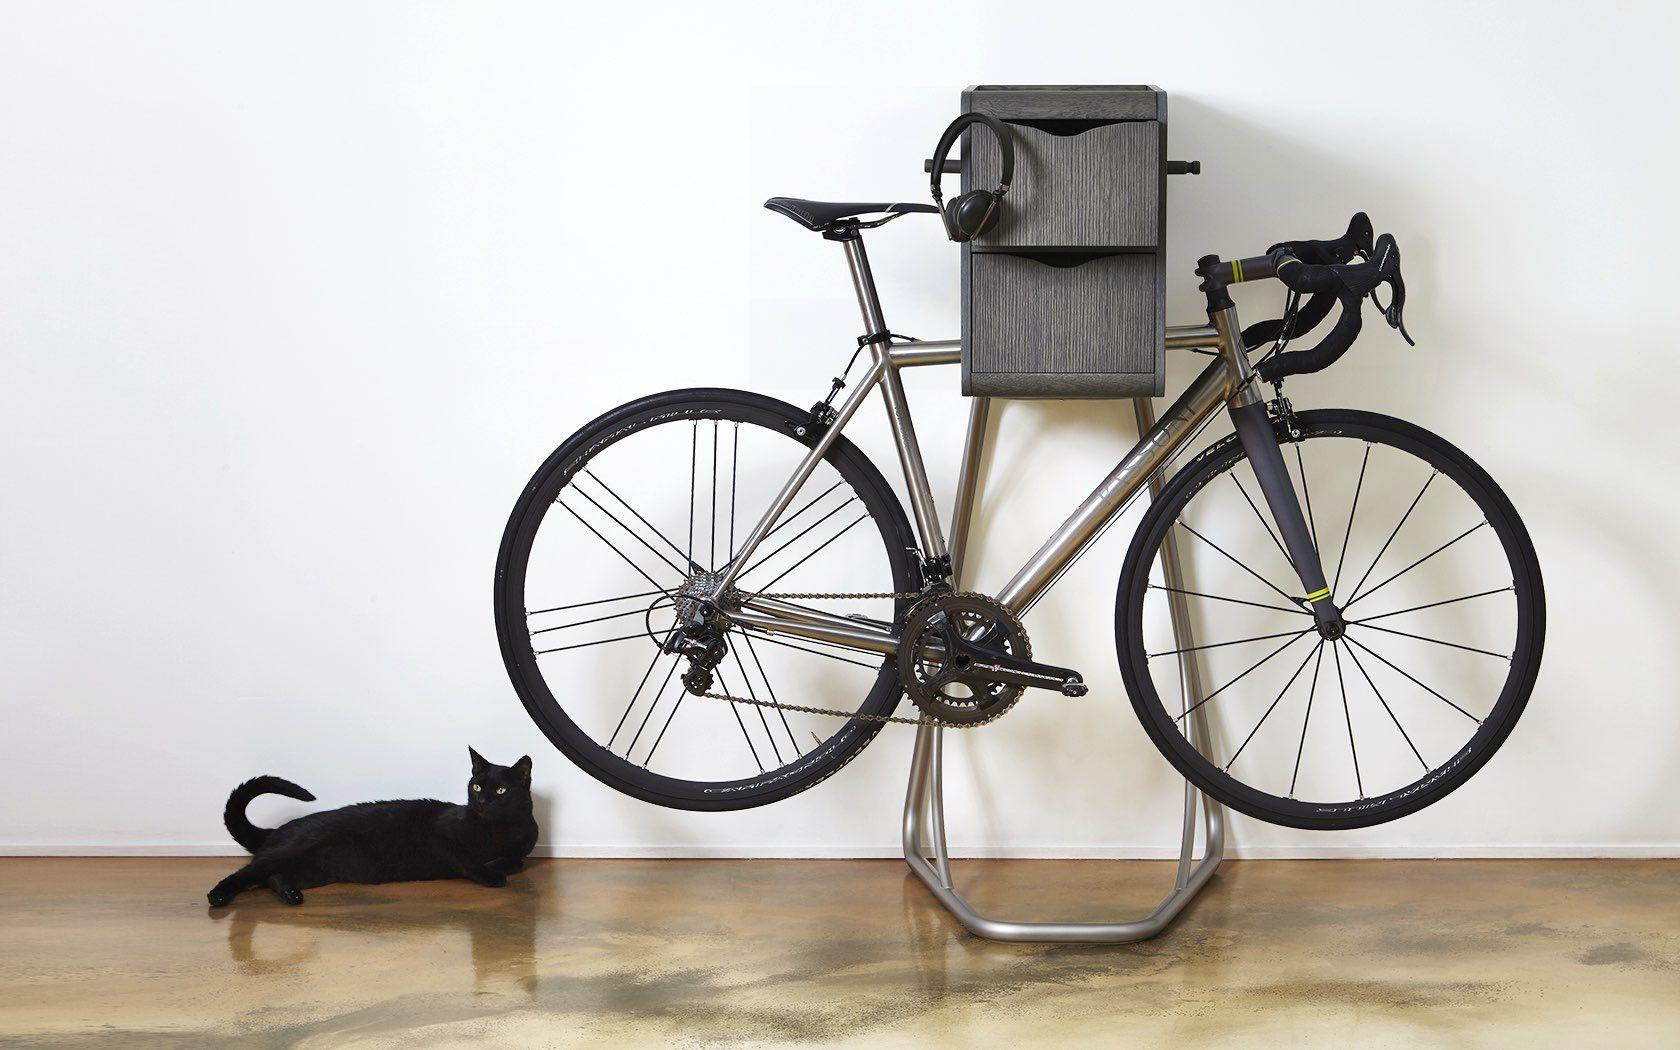 オーディオシステムを搭載した自転車スタンド Origo Vox 自転車